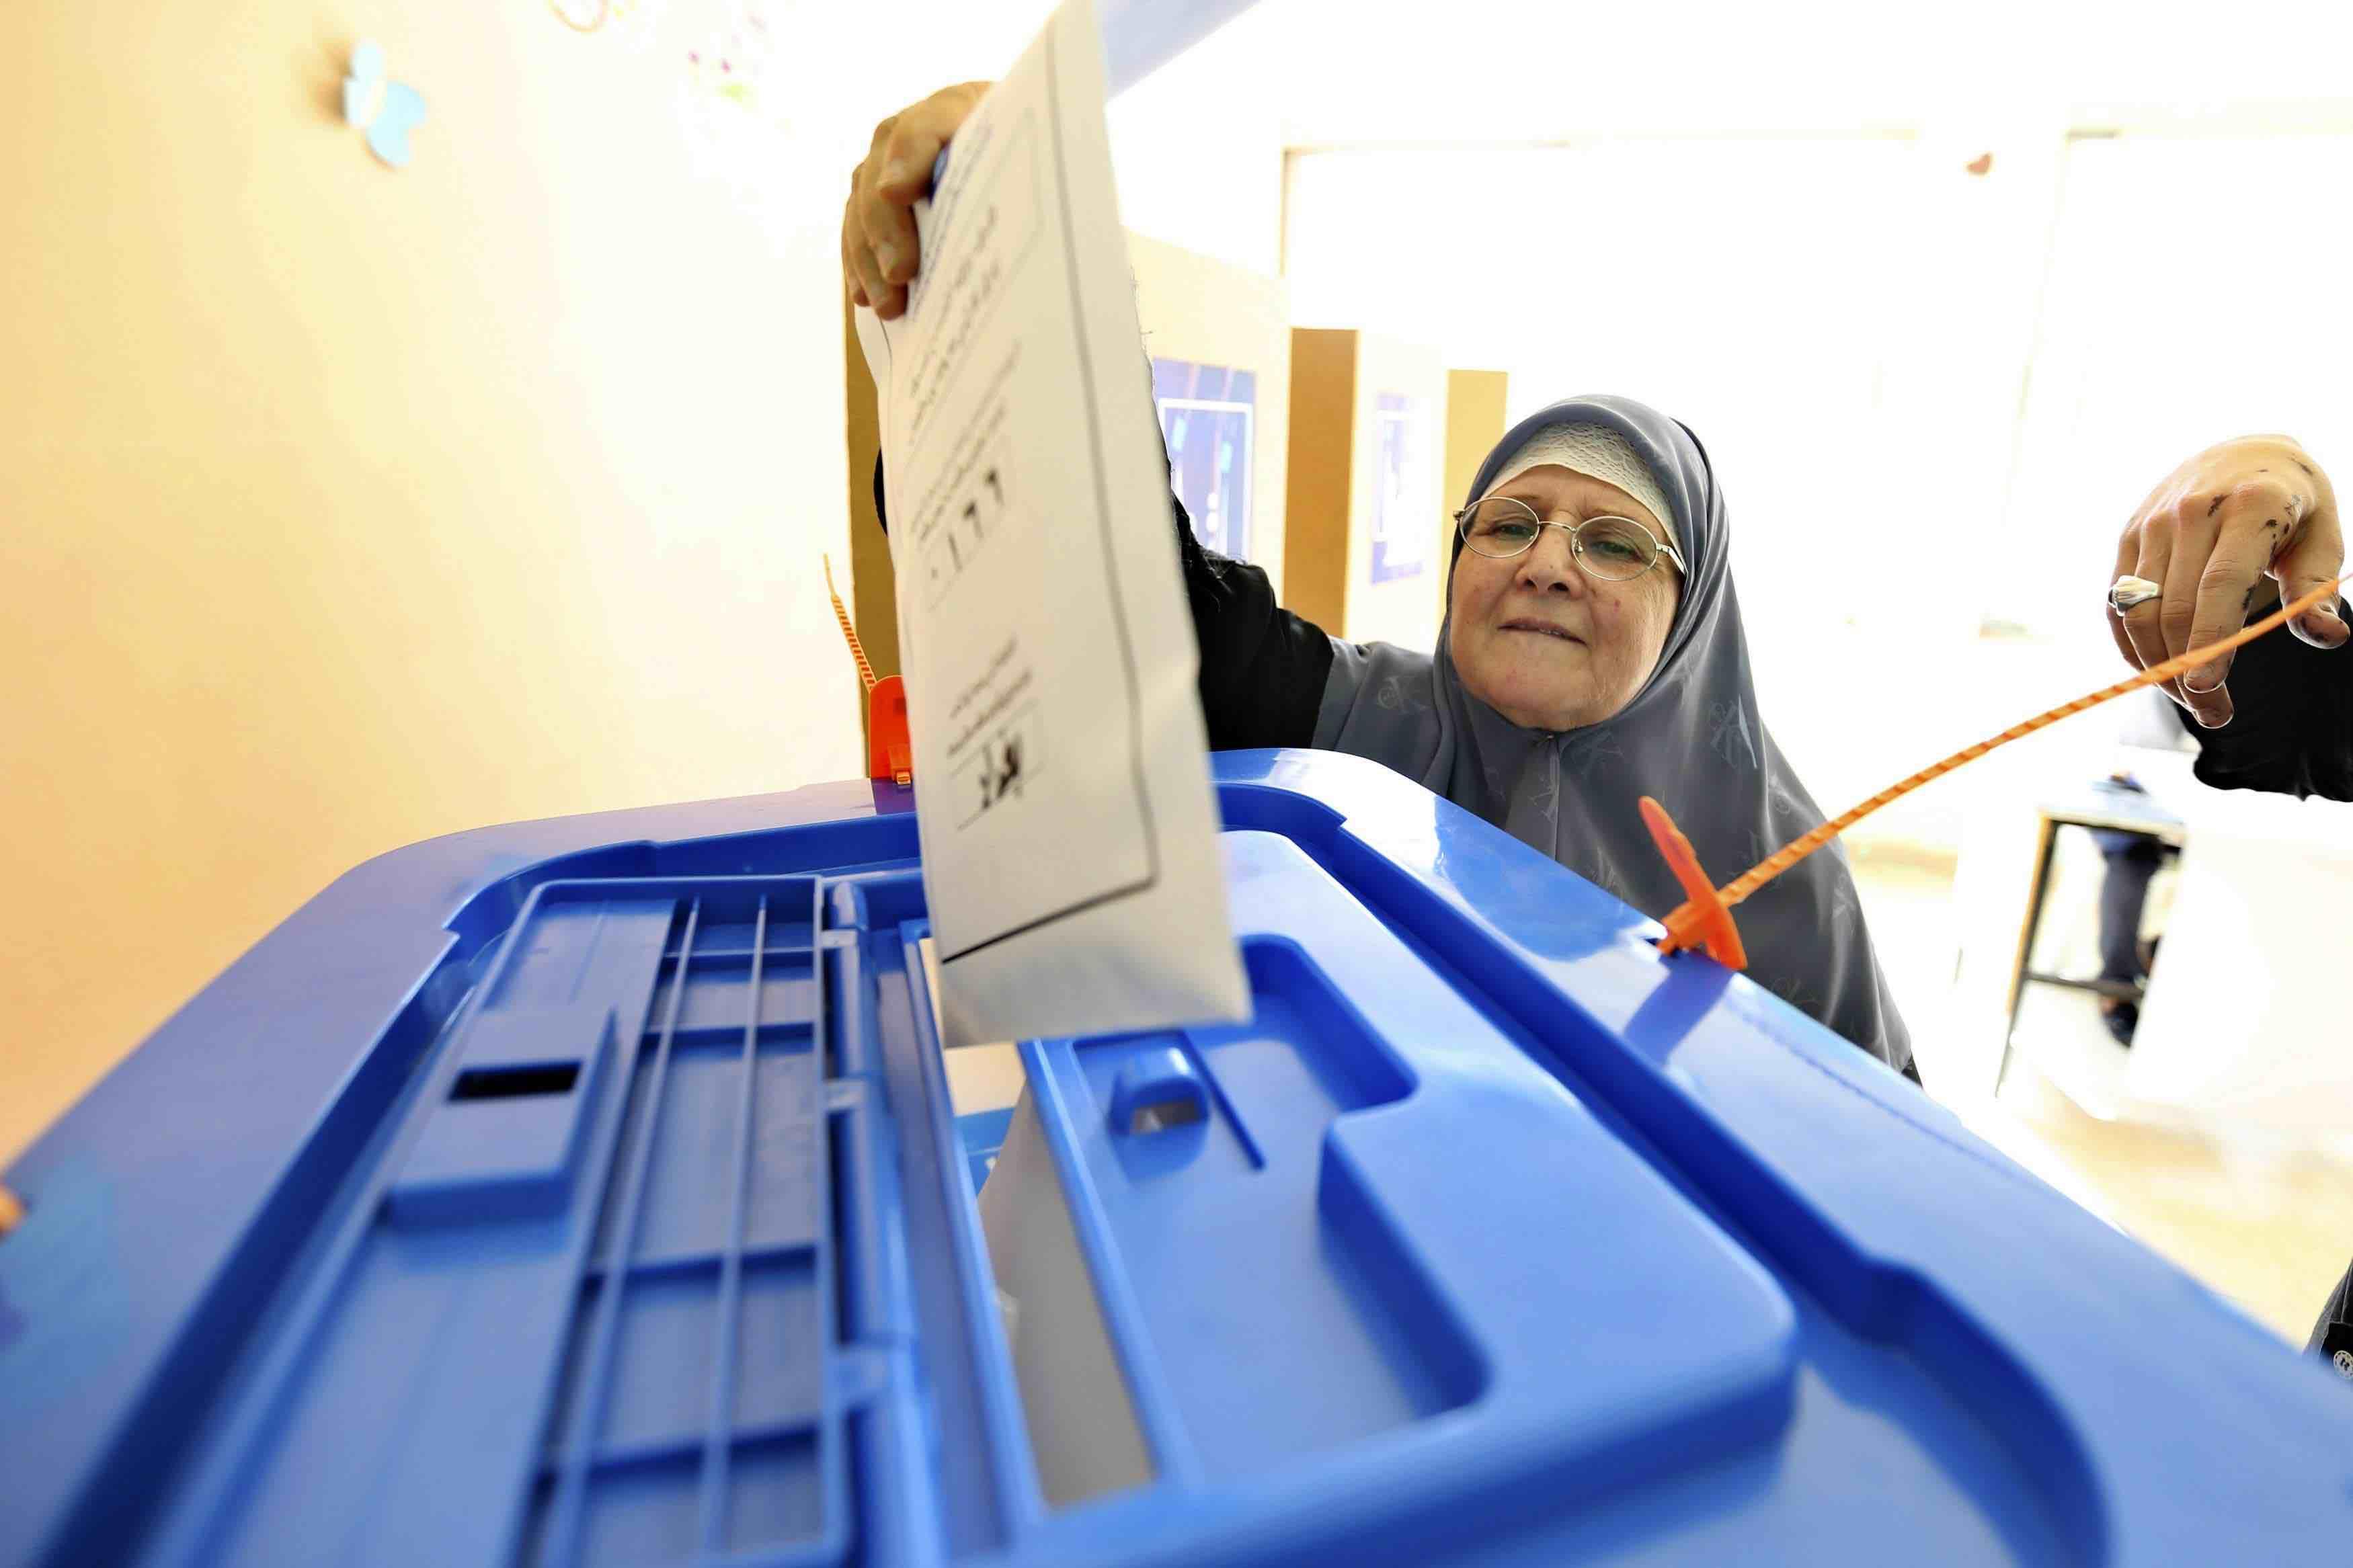 نائب يحدد 4 أسباب تعيق إجراء الانتخابات المبكرة في موعدها